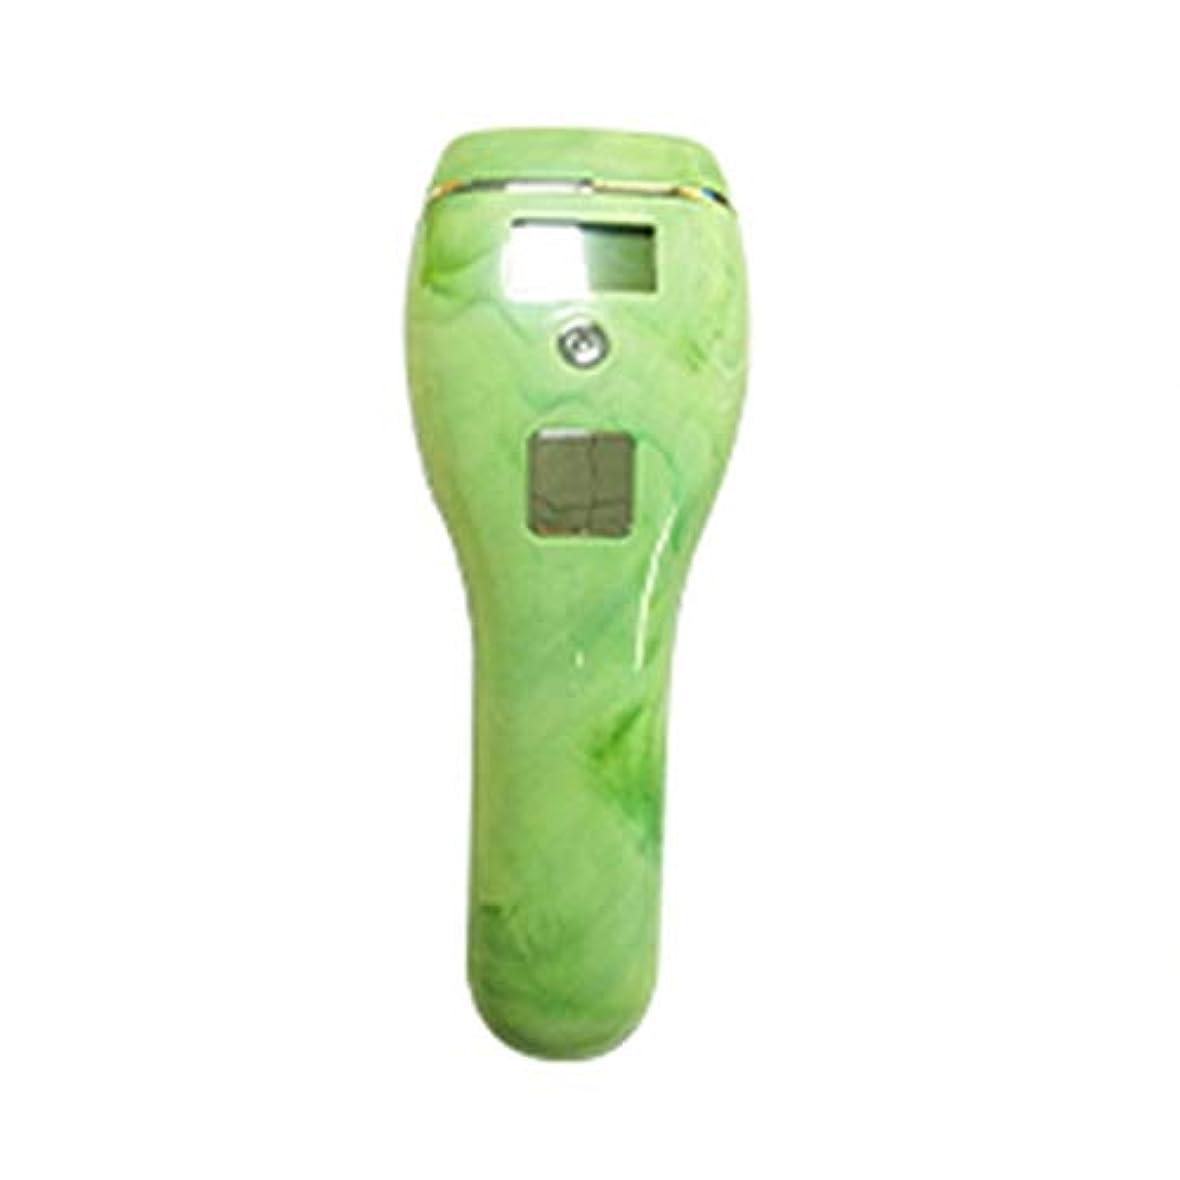 ディプロマサワーピンチXihouxian 自動肌のカラーセンシング、グリーン、5速調整、クォーツチューブ、携帯用痛みのない全身凍結乾燥用除湿器、サイズ19x7x5cm D40 (Color : Green)